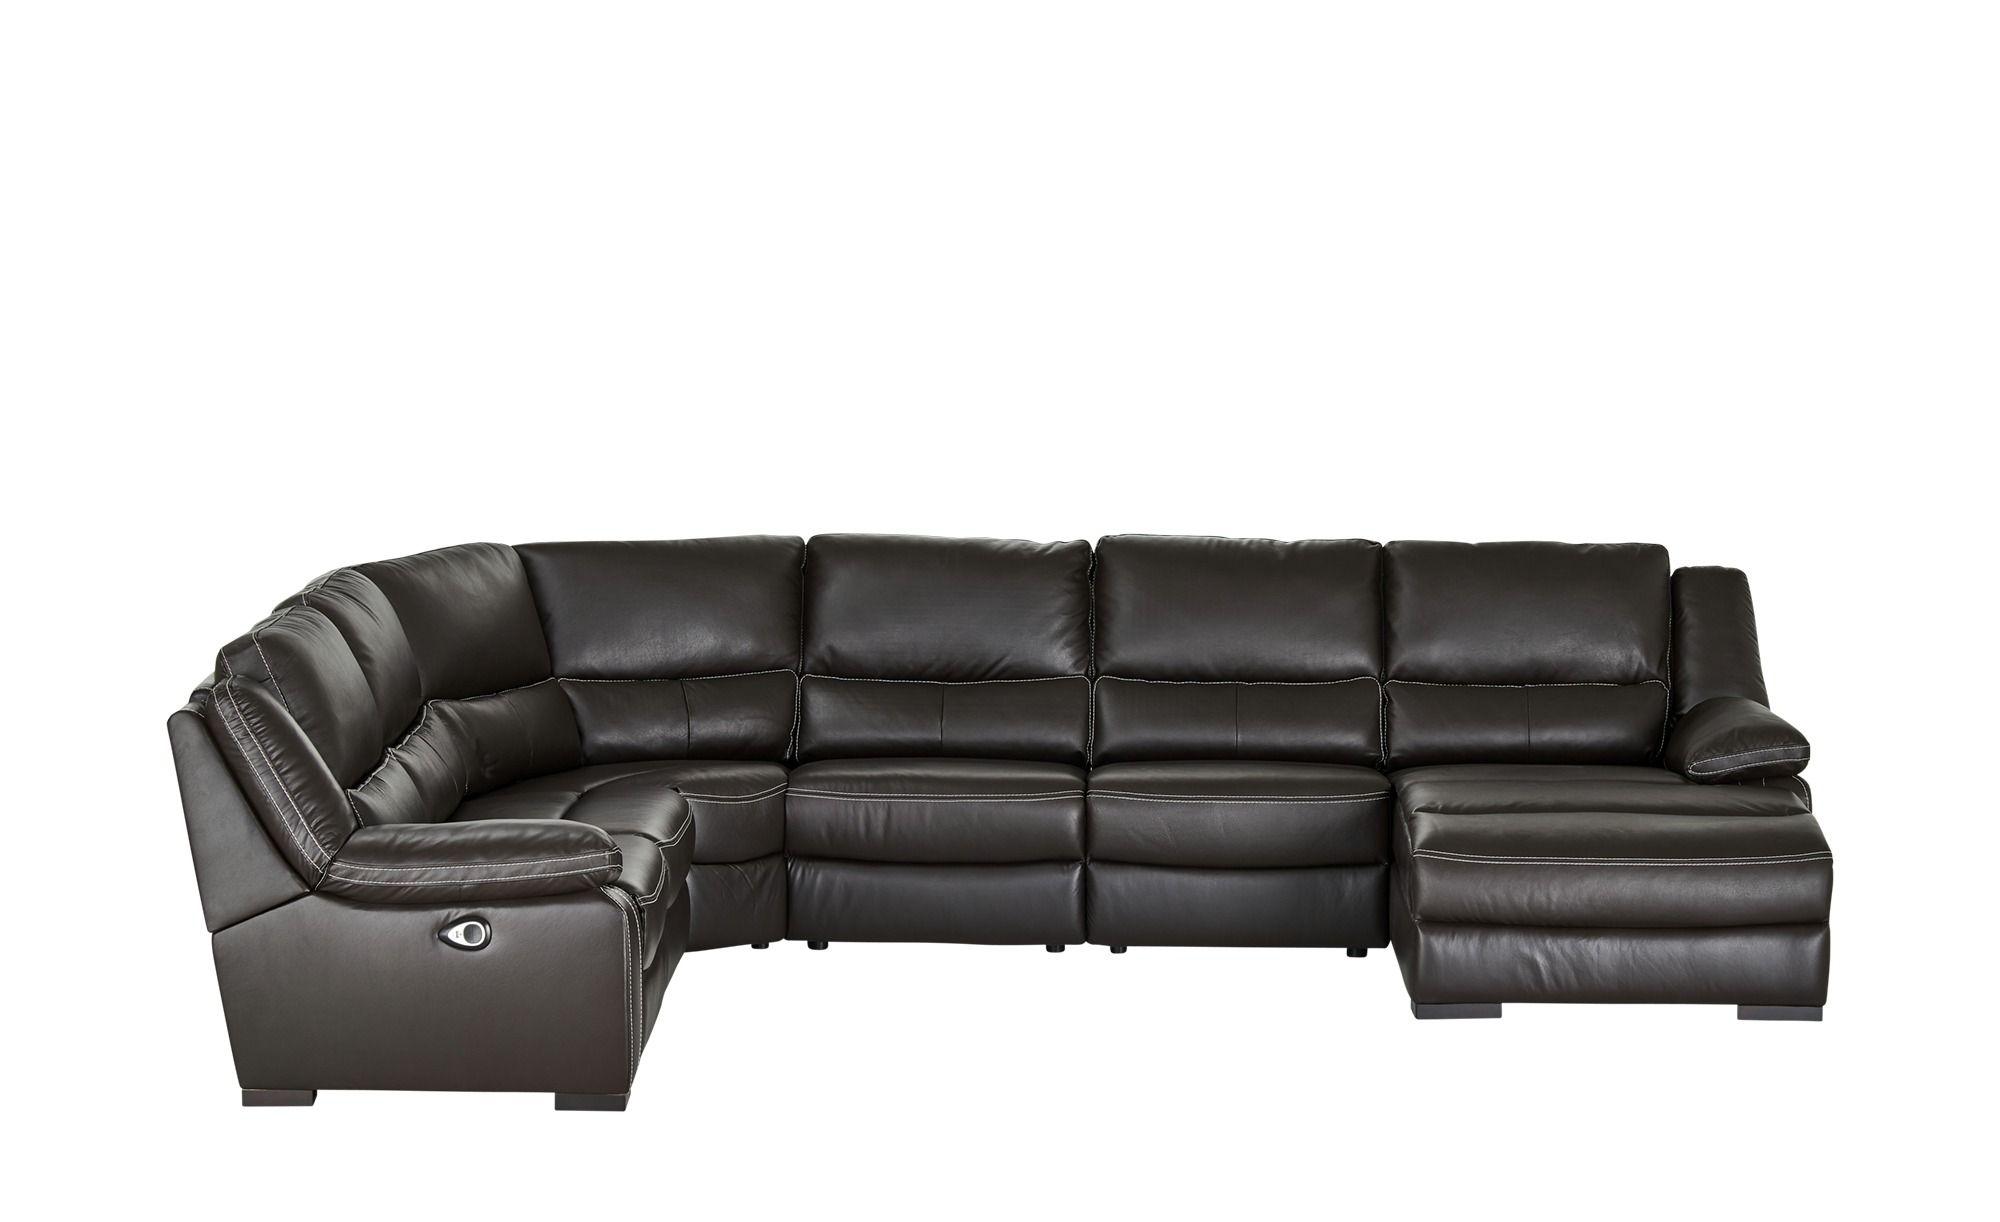 Southwest Design Sofa Covers Sofa Online Kaufen Forum Schlafcouch Günstig Zweiersofa Mit Schlaffunktion K Sofa Wohnlandschaft Wohnen Sofa Online Kaufen